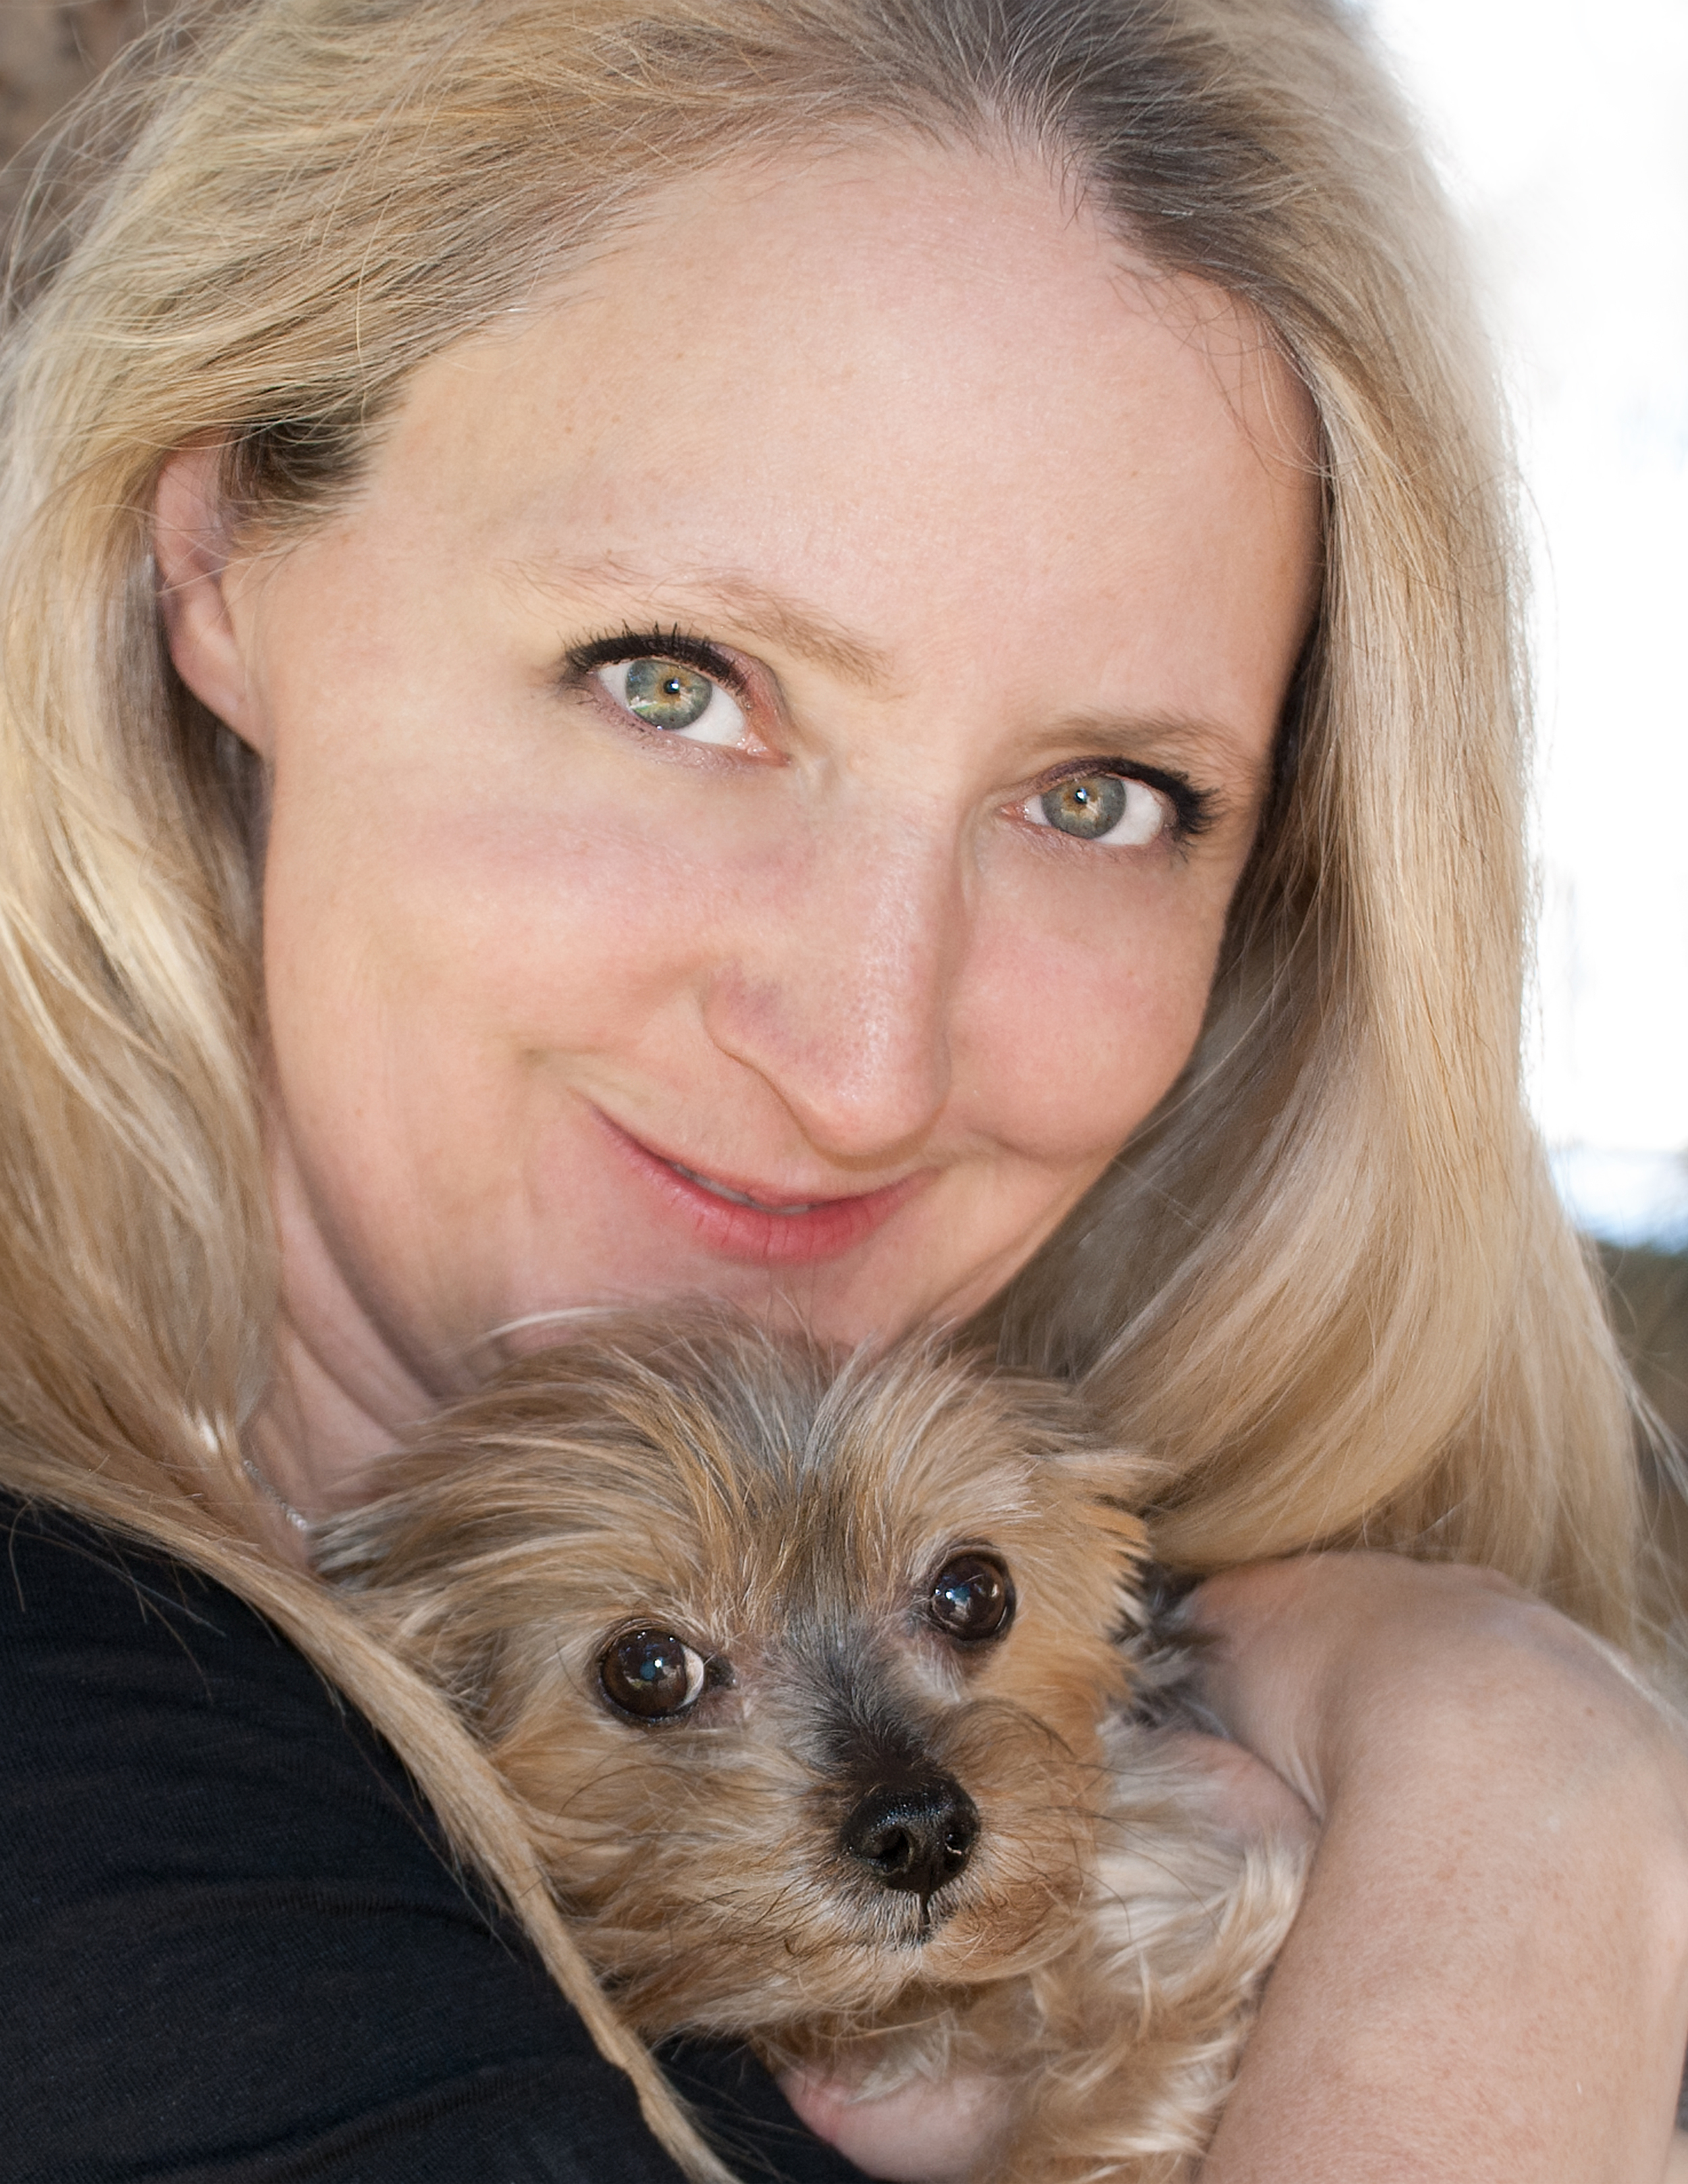 Denise-Roseland-Photographer-Michelle-Quinn_084b.jpg